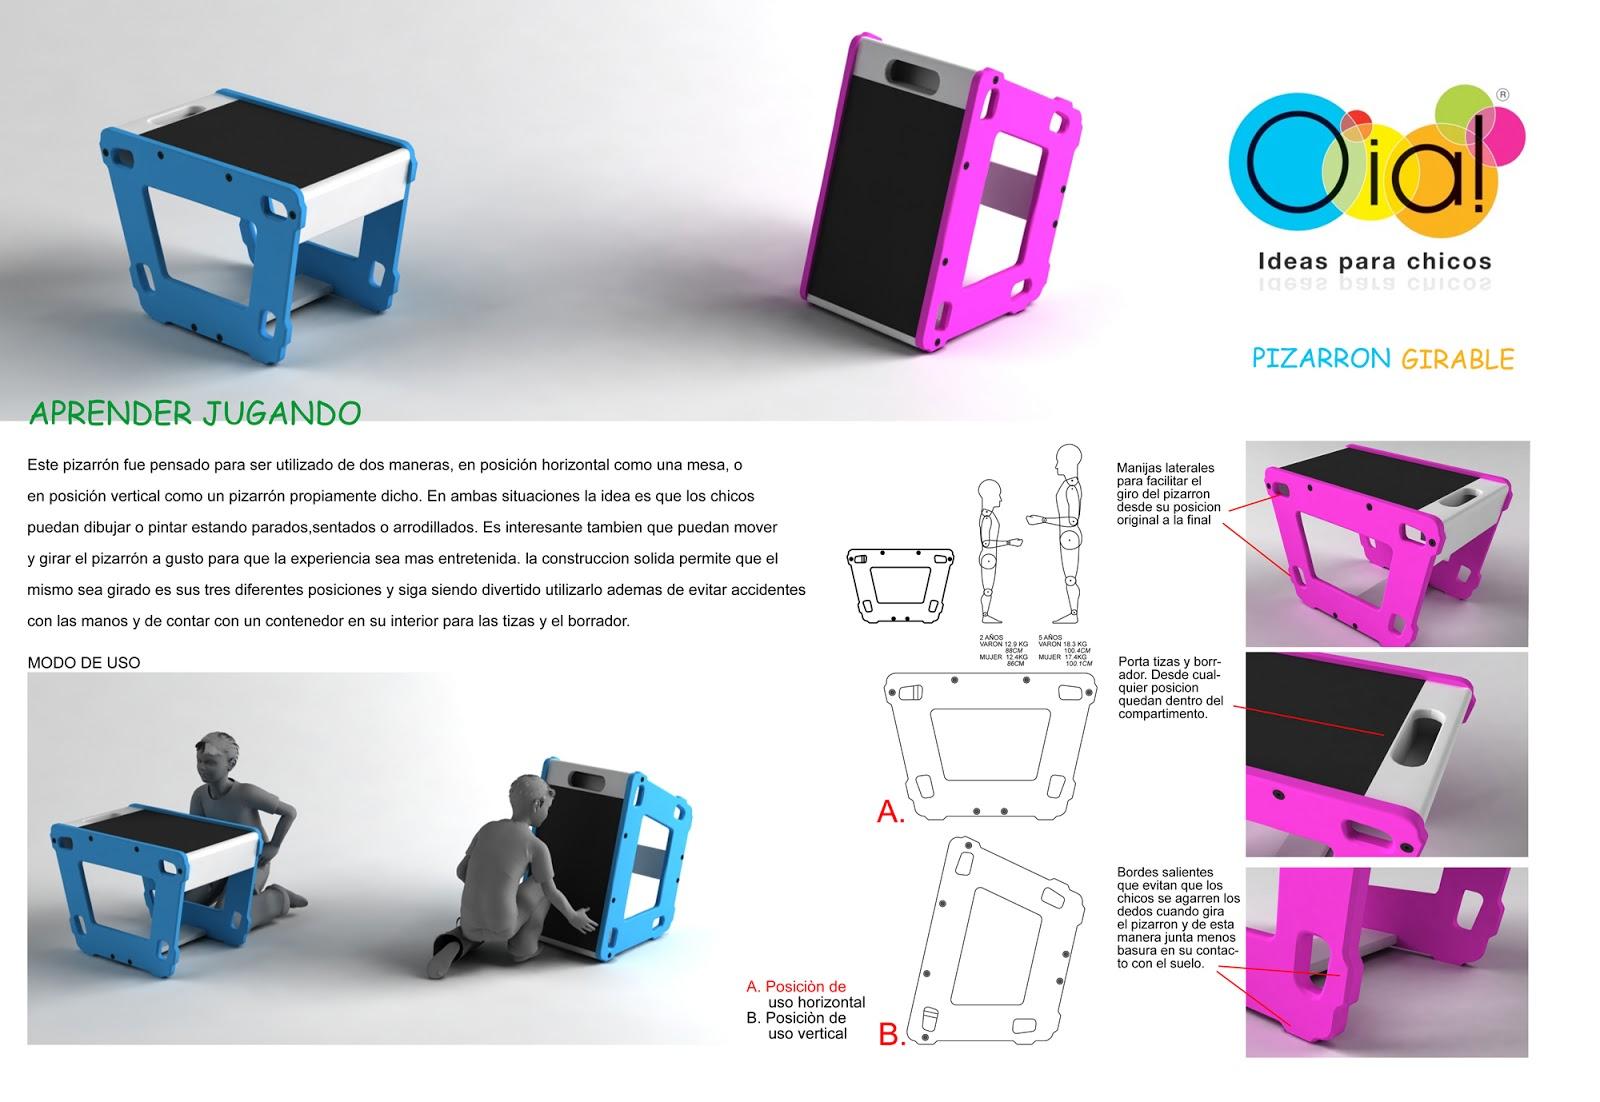 Dise o industrial up industrial design destacado - Diseno de producto madrid ...